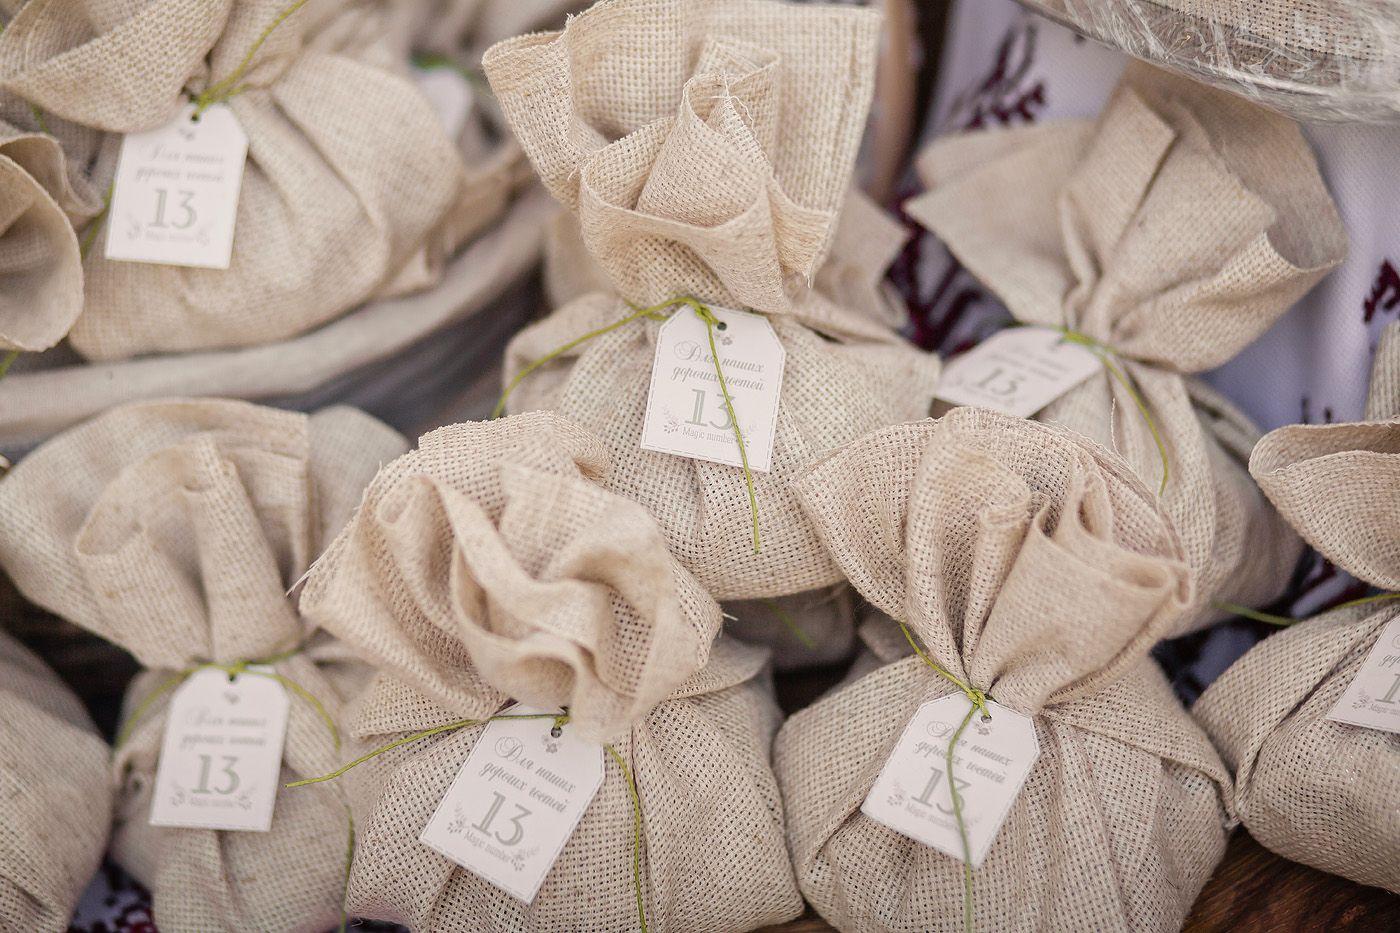 wedding gifts, guests' presents, wedding decor, подарки для гостей, свадебные подарки, оформление свадьбы